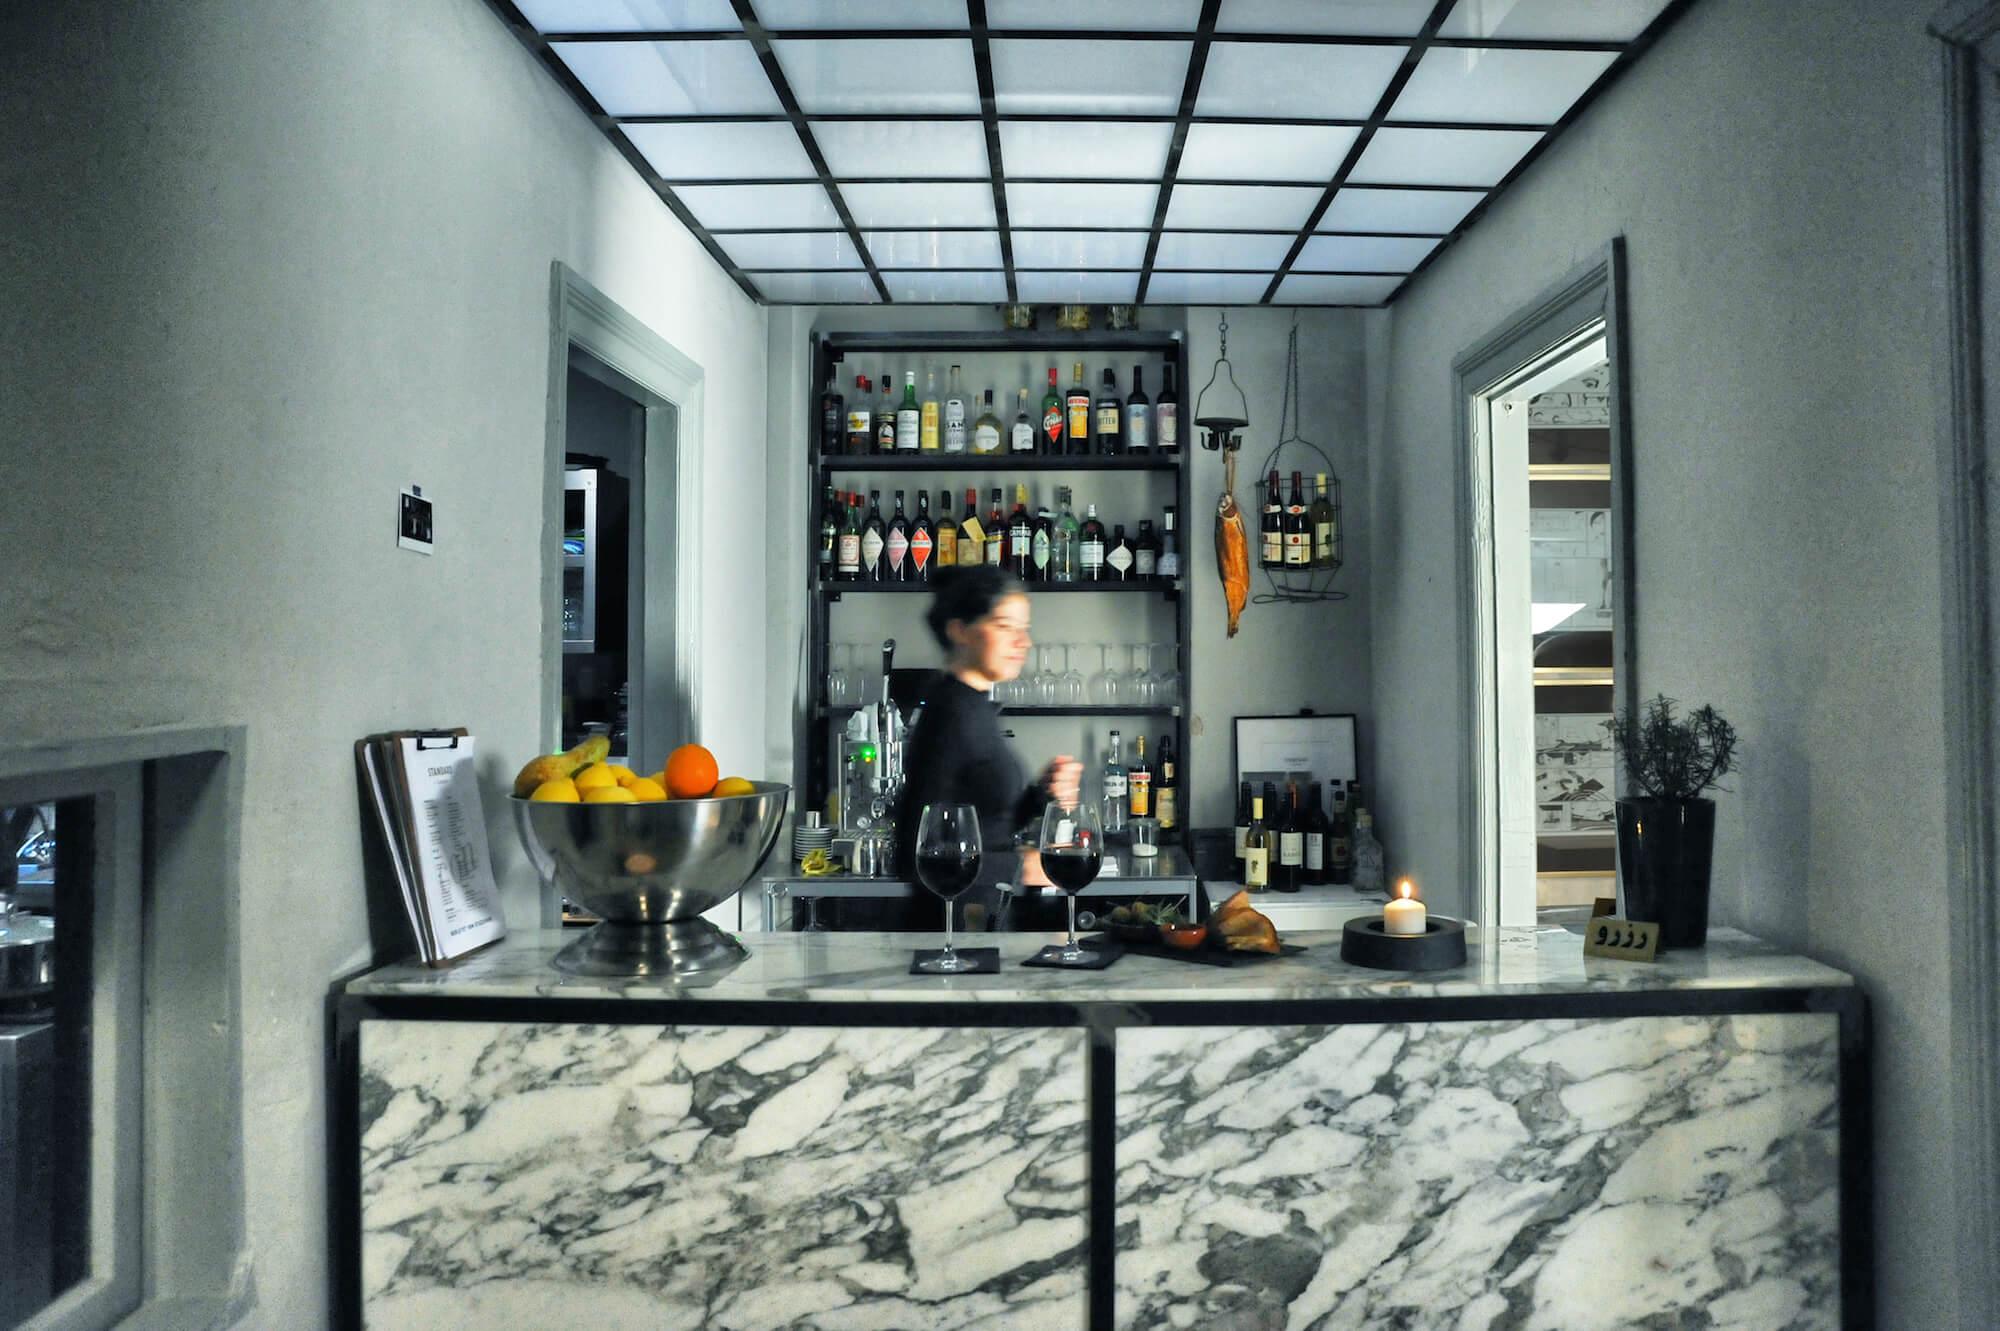 Einblick in die italienisch angehauchte Bar Standard in Hamburg